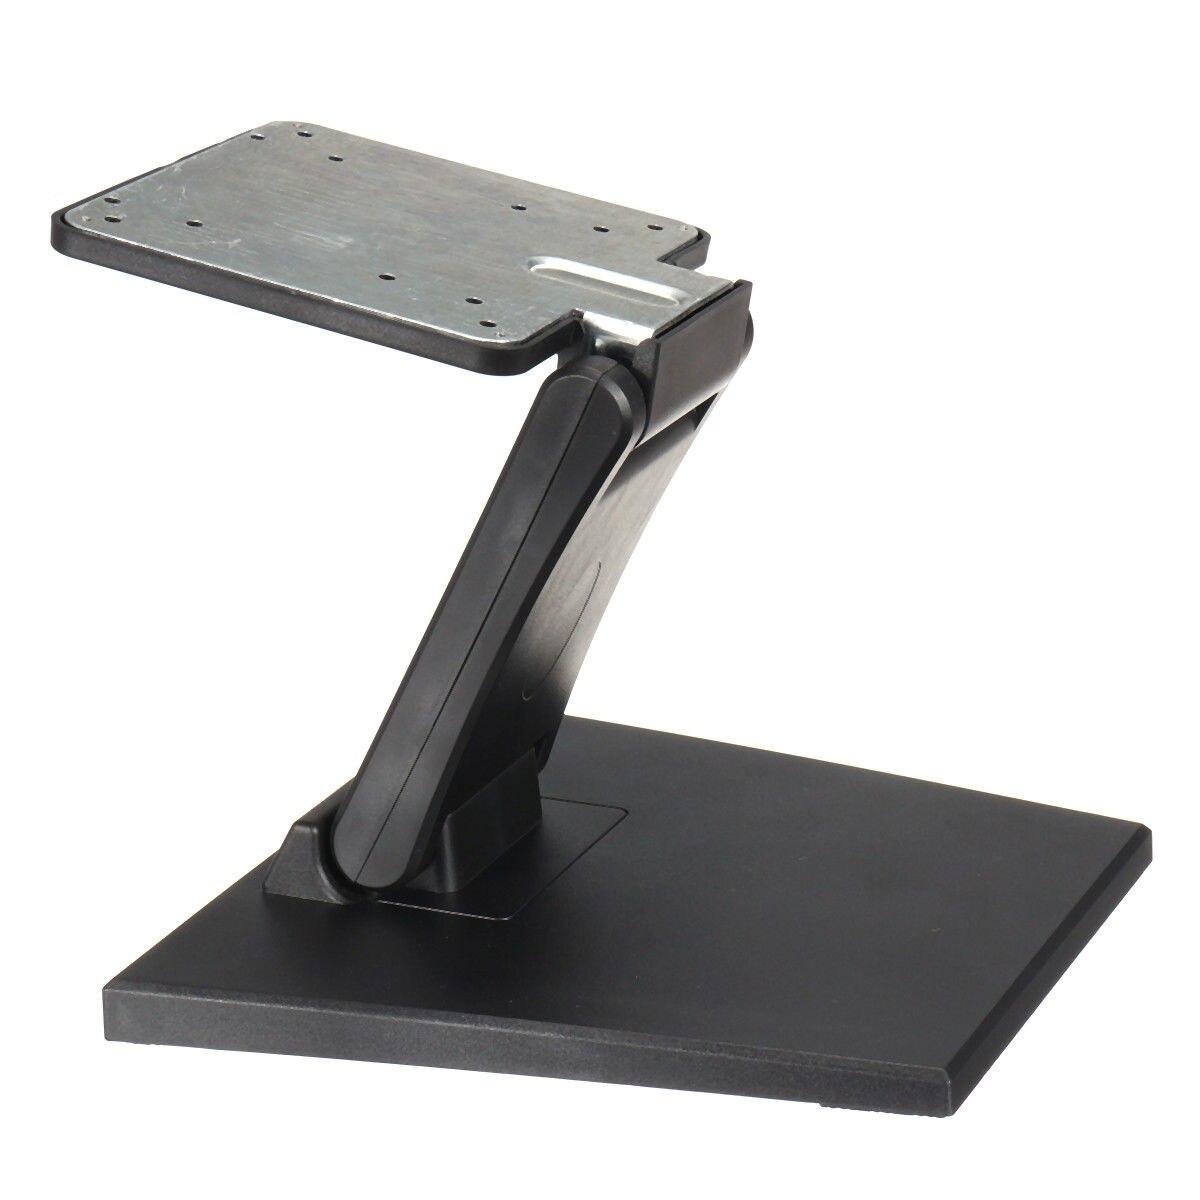 Suporte montado de inclinação do monitor da dobra vesa 10 Polegada-27 Polegada display lcd suporte da tela da imprensa